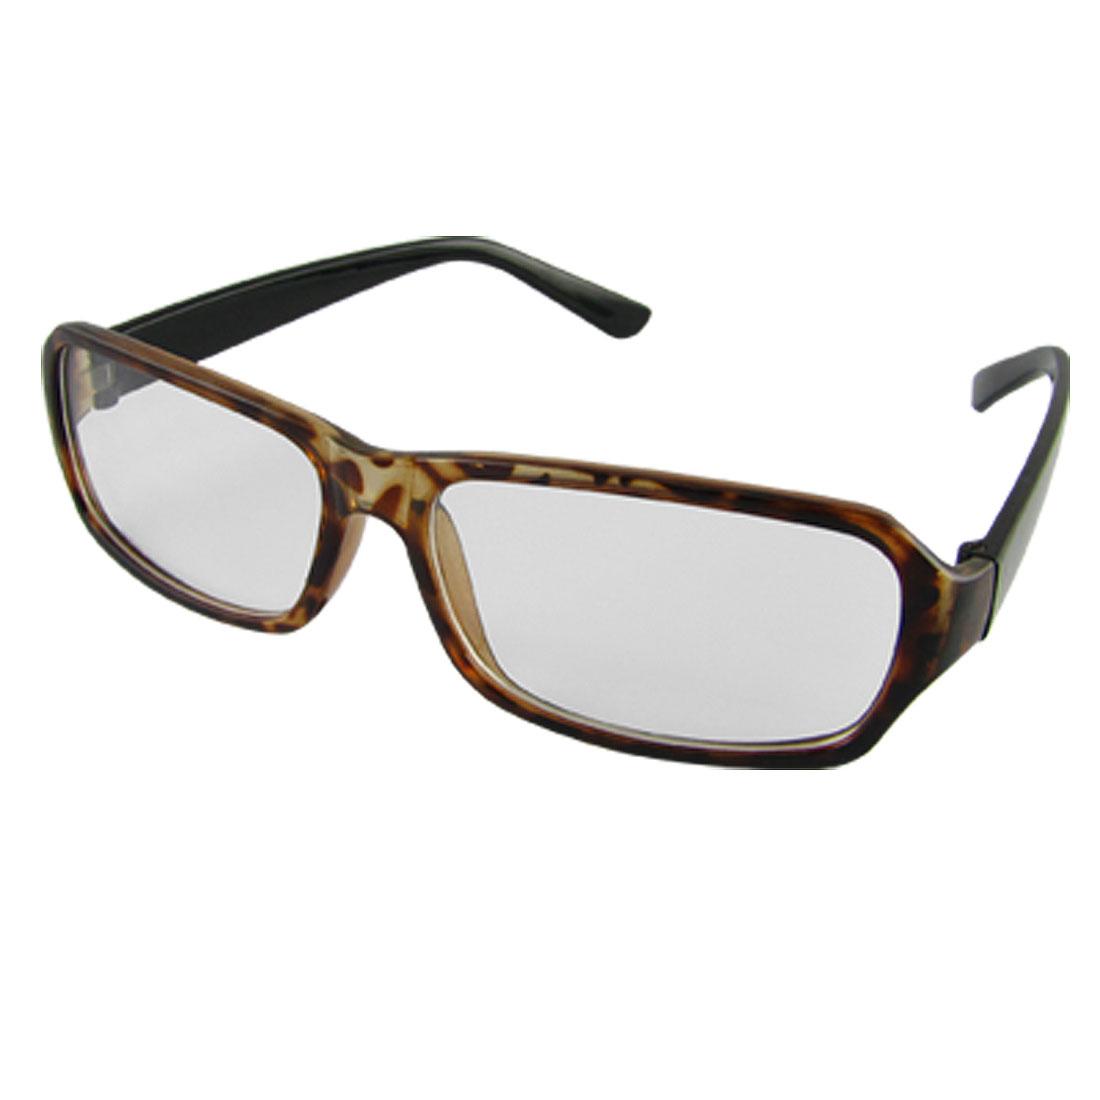 Tortoise Frame Eyeglasses Unisex Clear Lens Glasses Amber Black